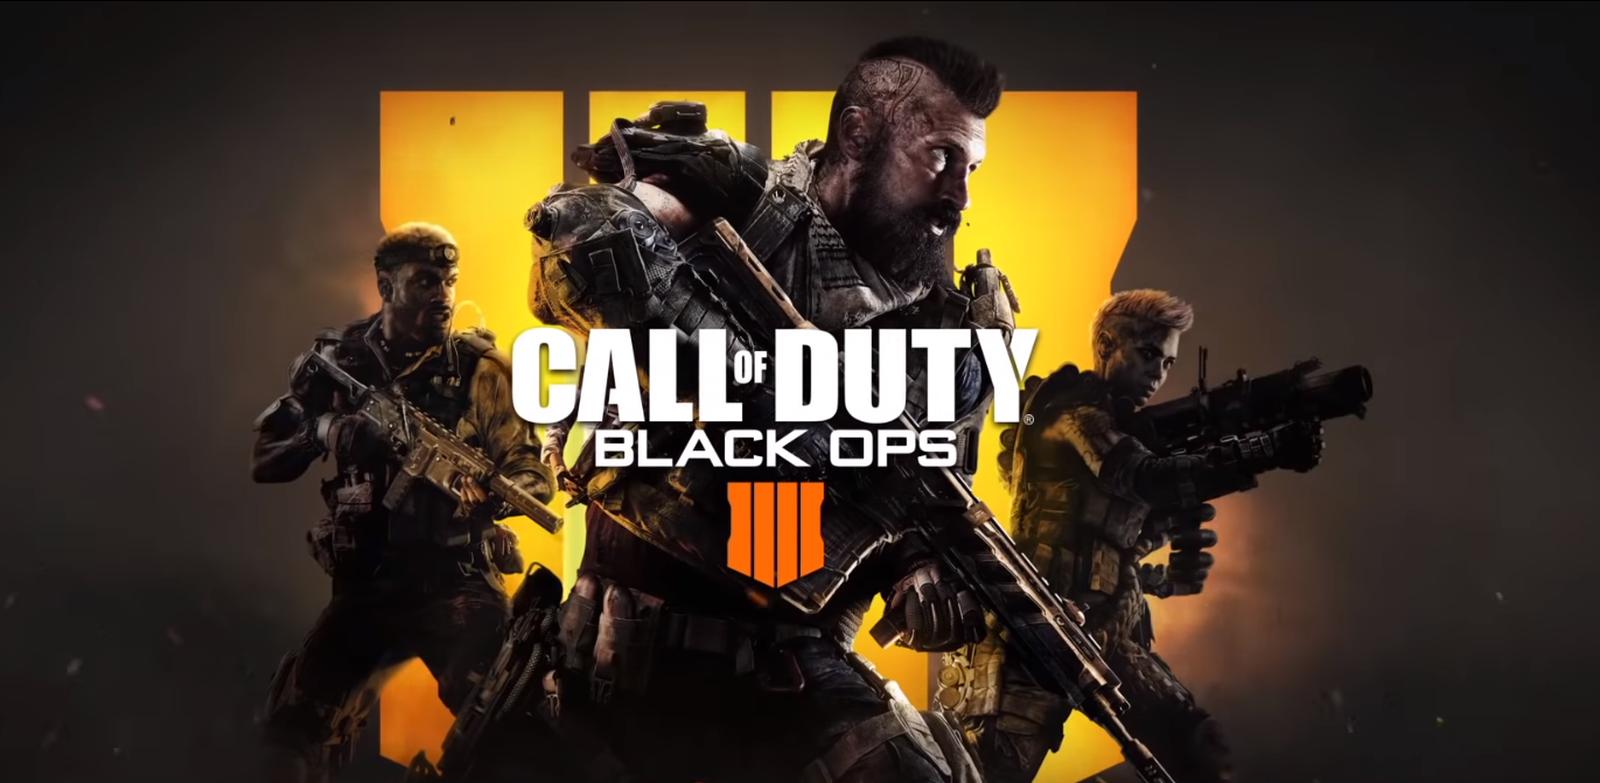 Call of Duty: Black Ops 4   Blackout, o modo Battle Royale do game, terá 80 jogadores